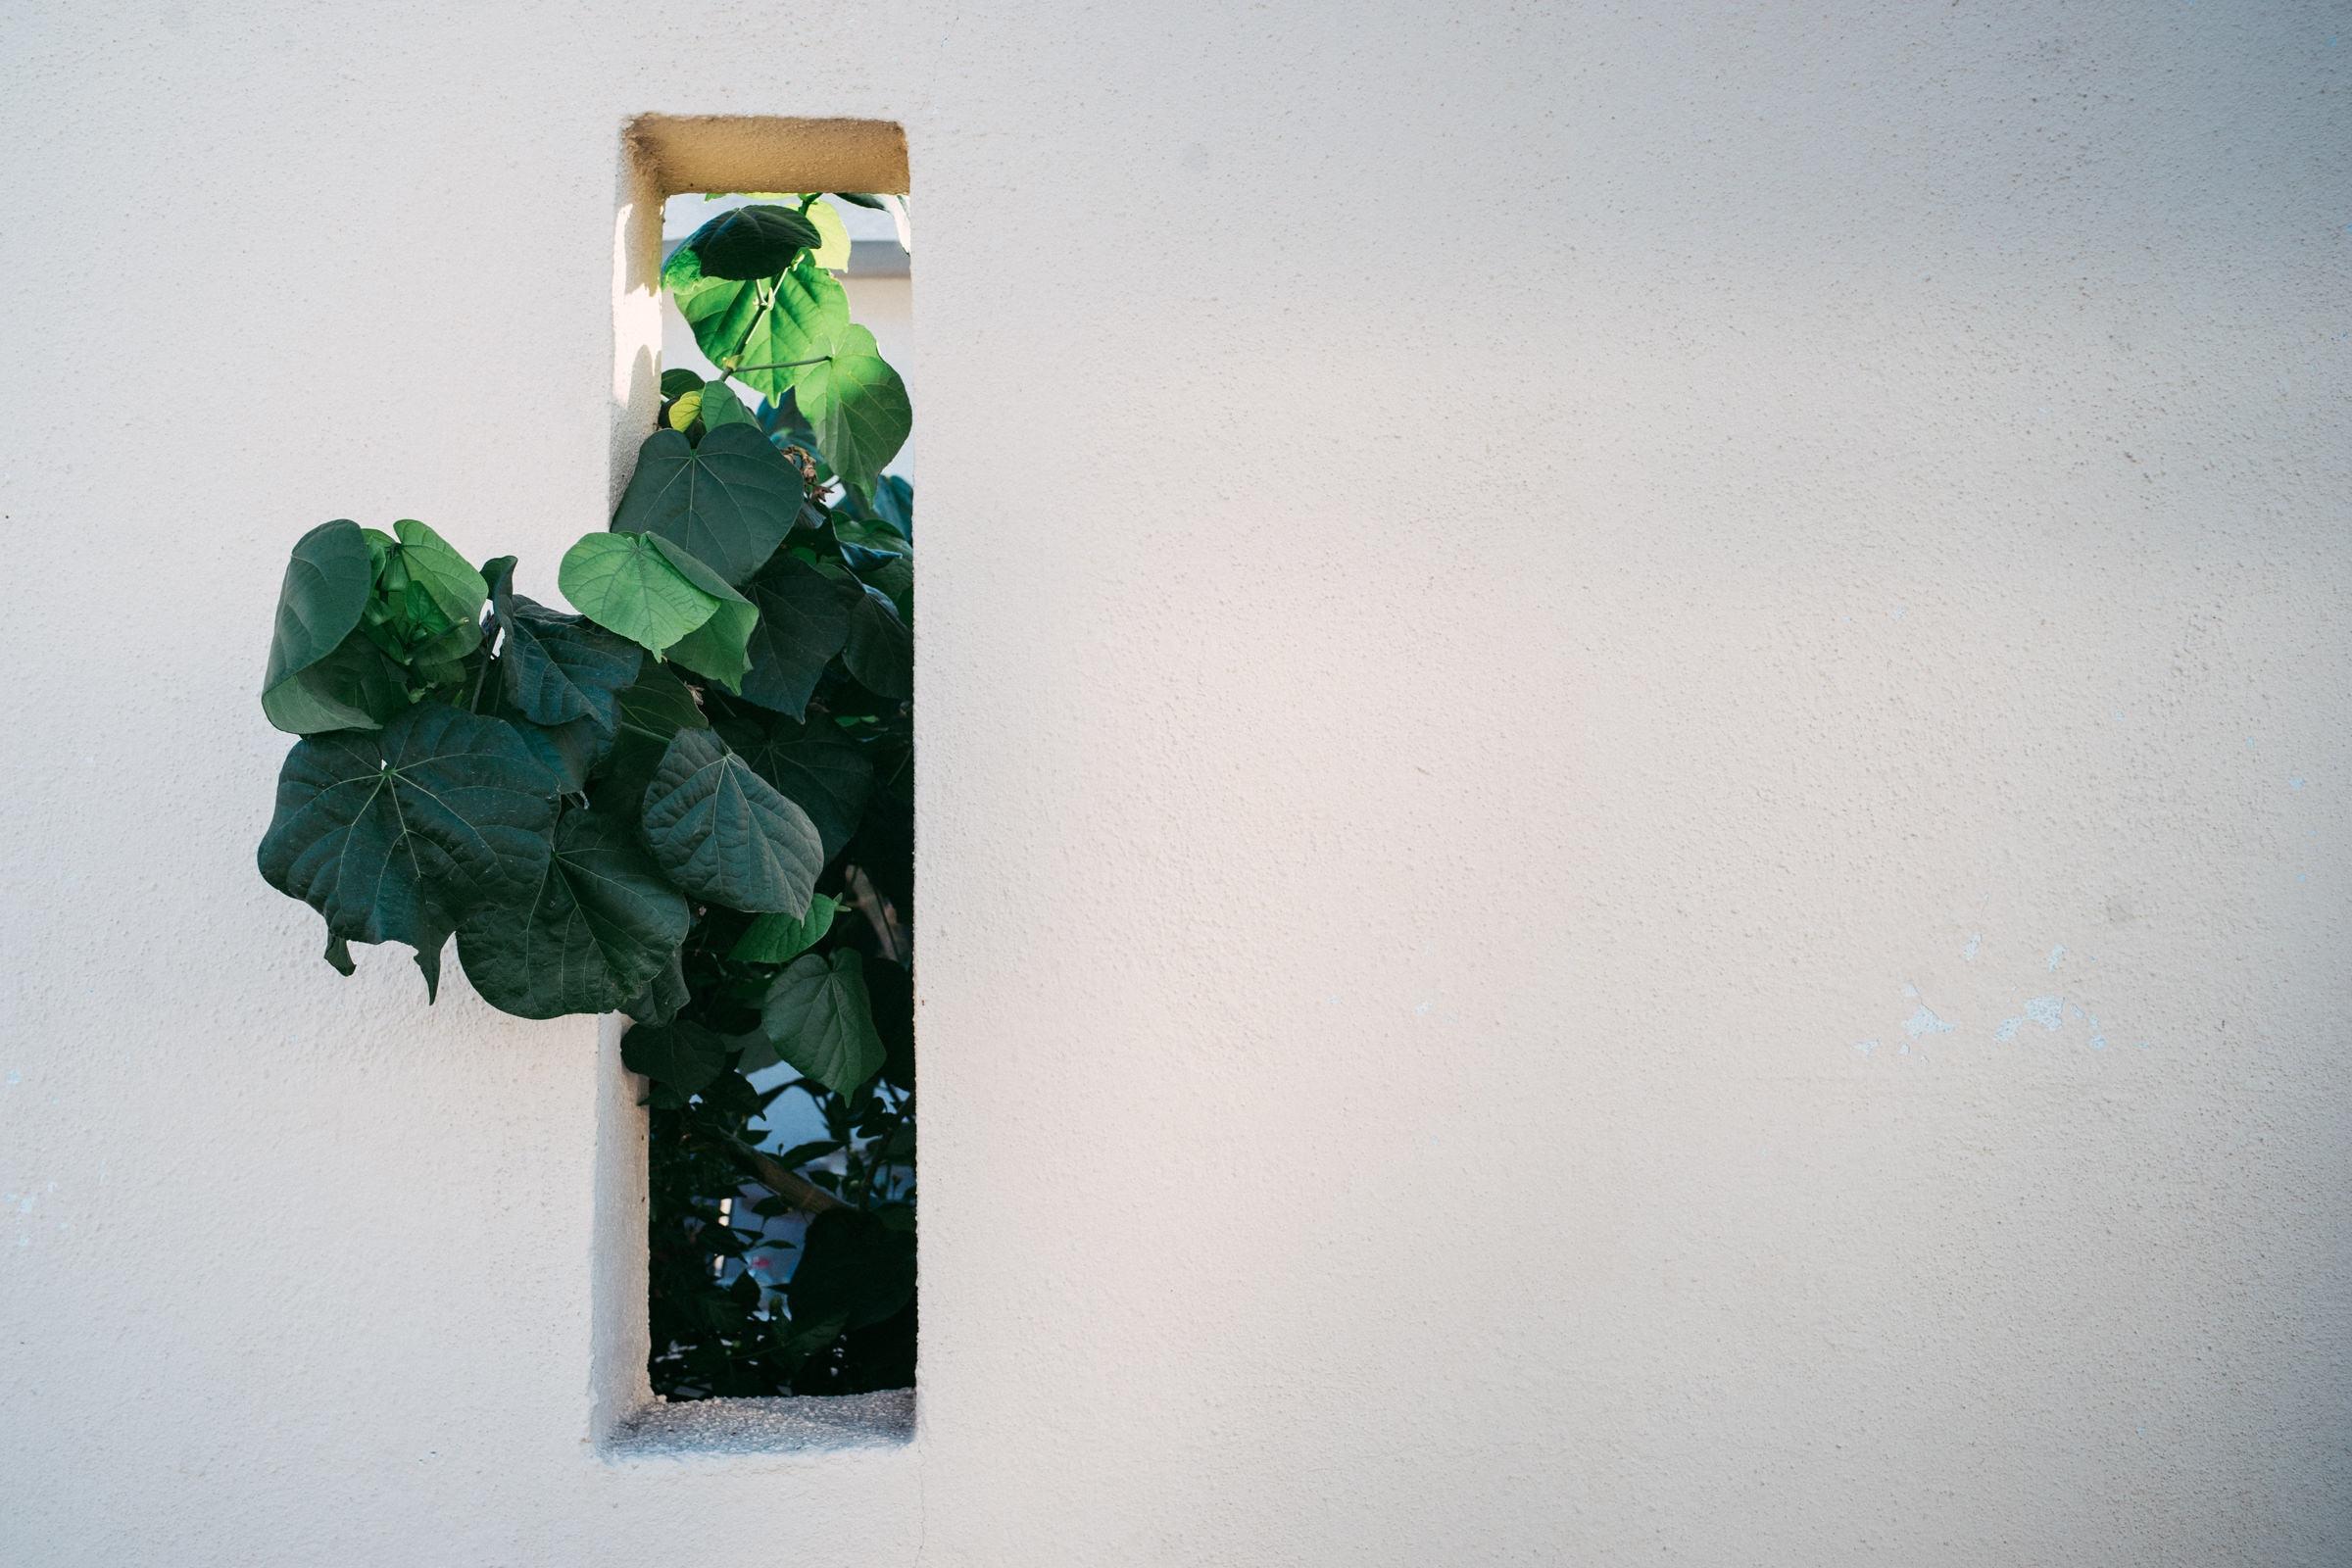 green leafed tree peeps on window panel